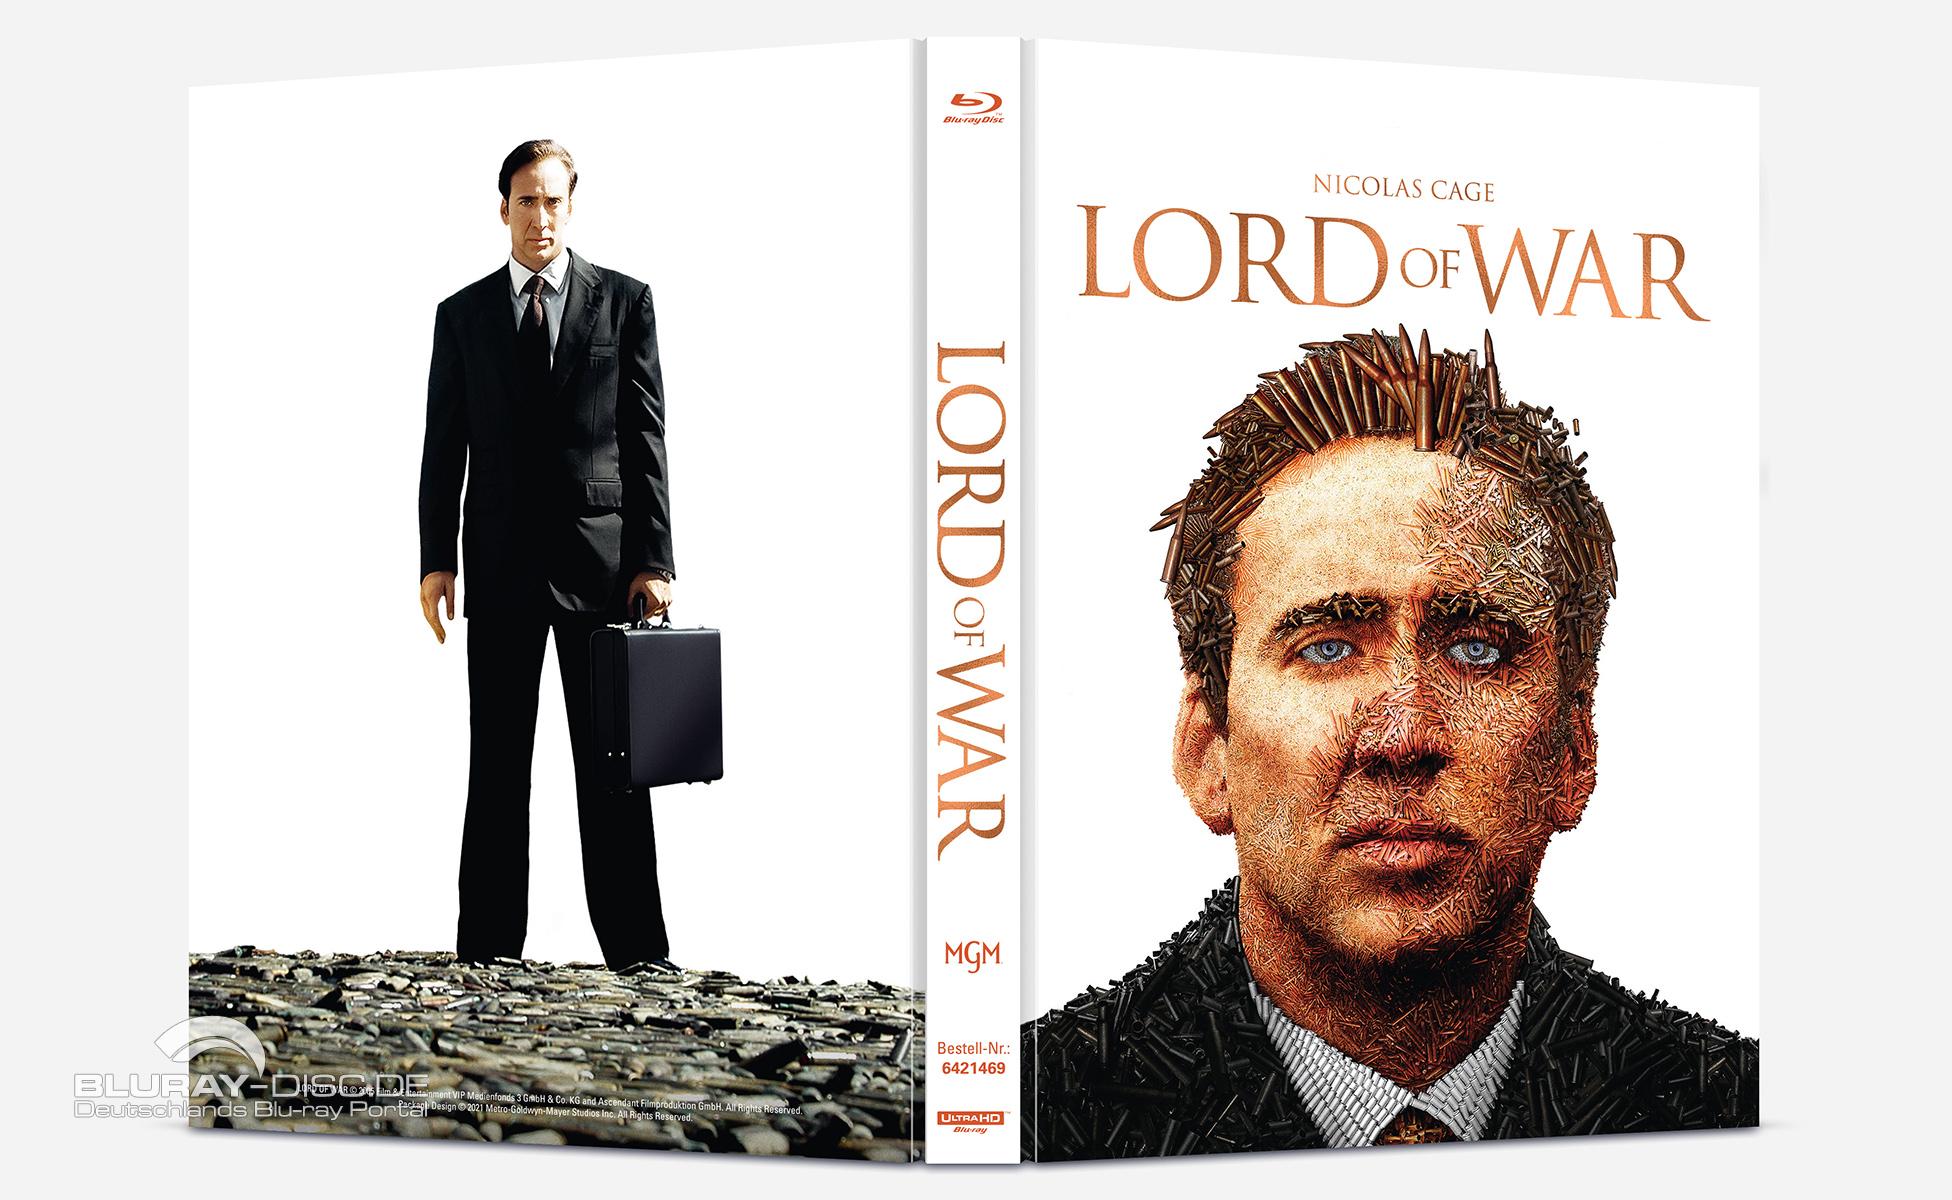 Lord_of_War_Galerie_4K_Mediabook_03.jpg